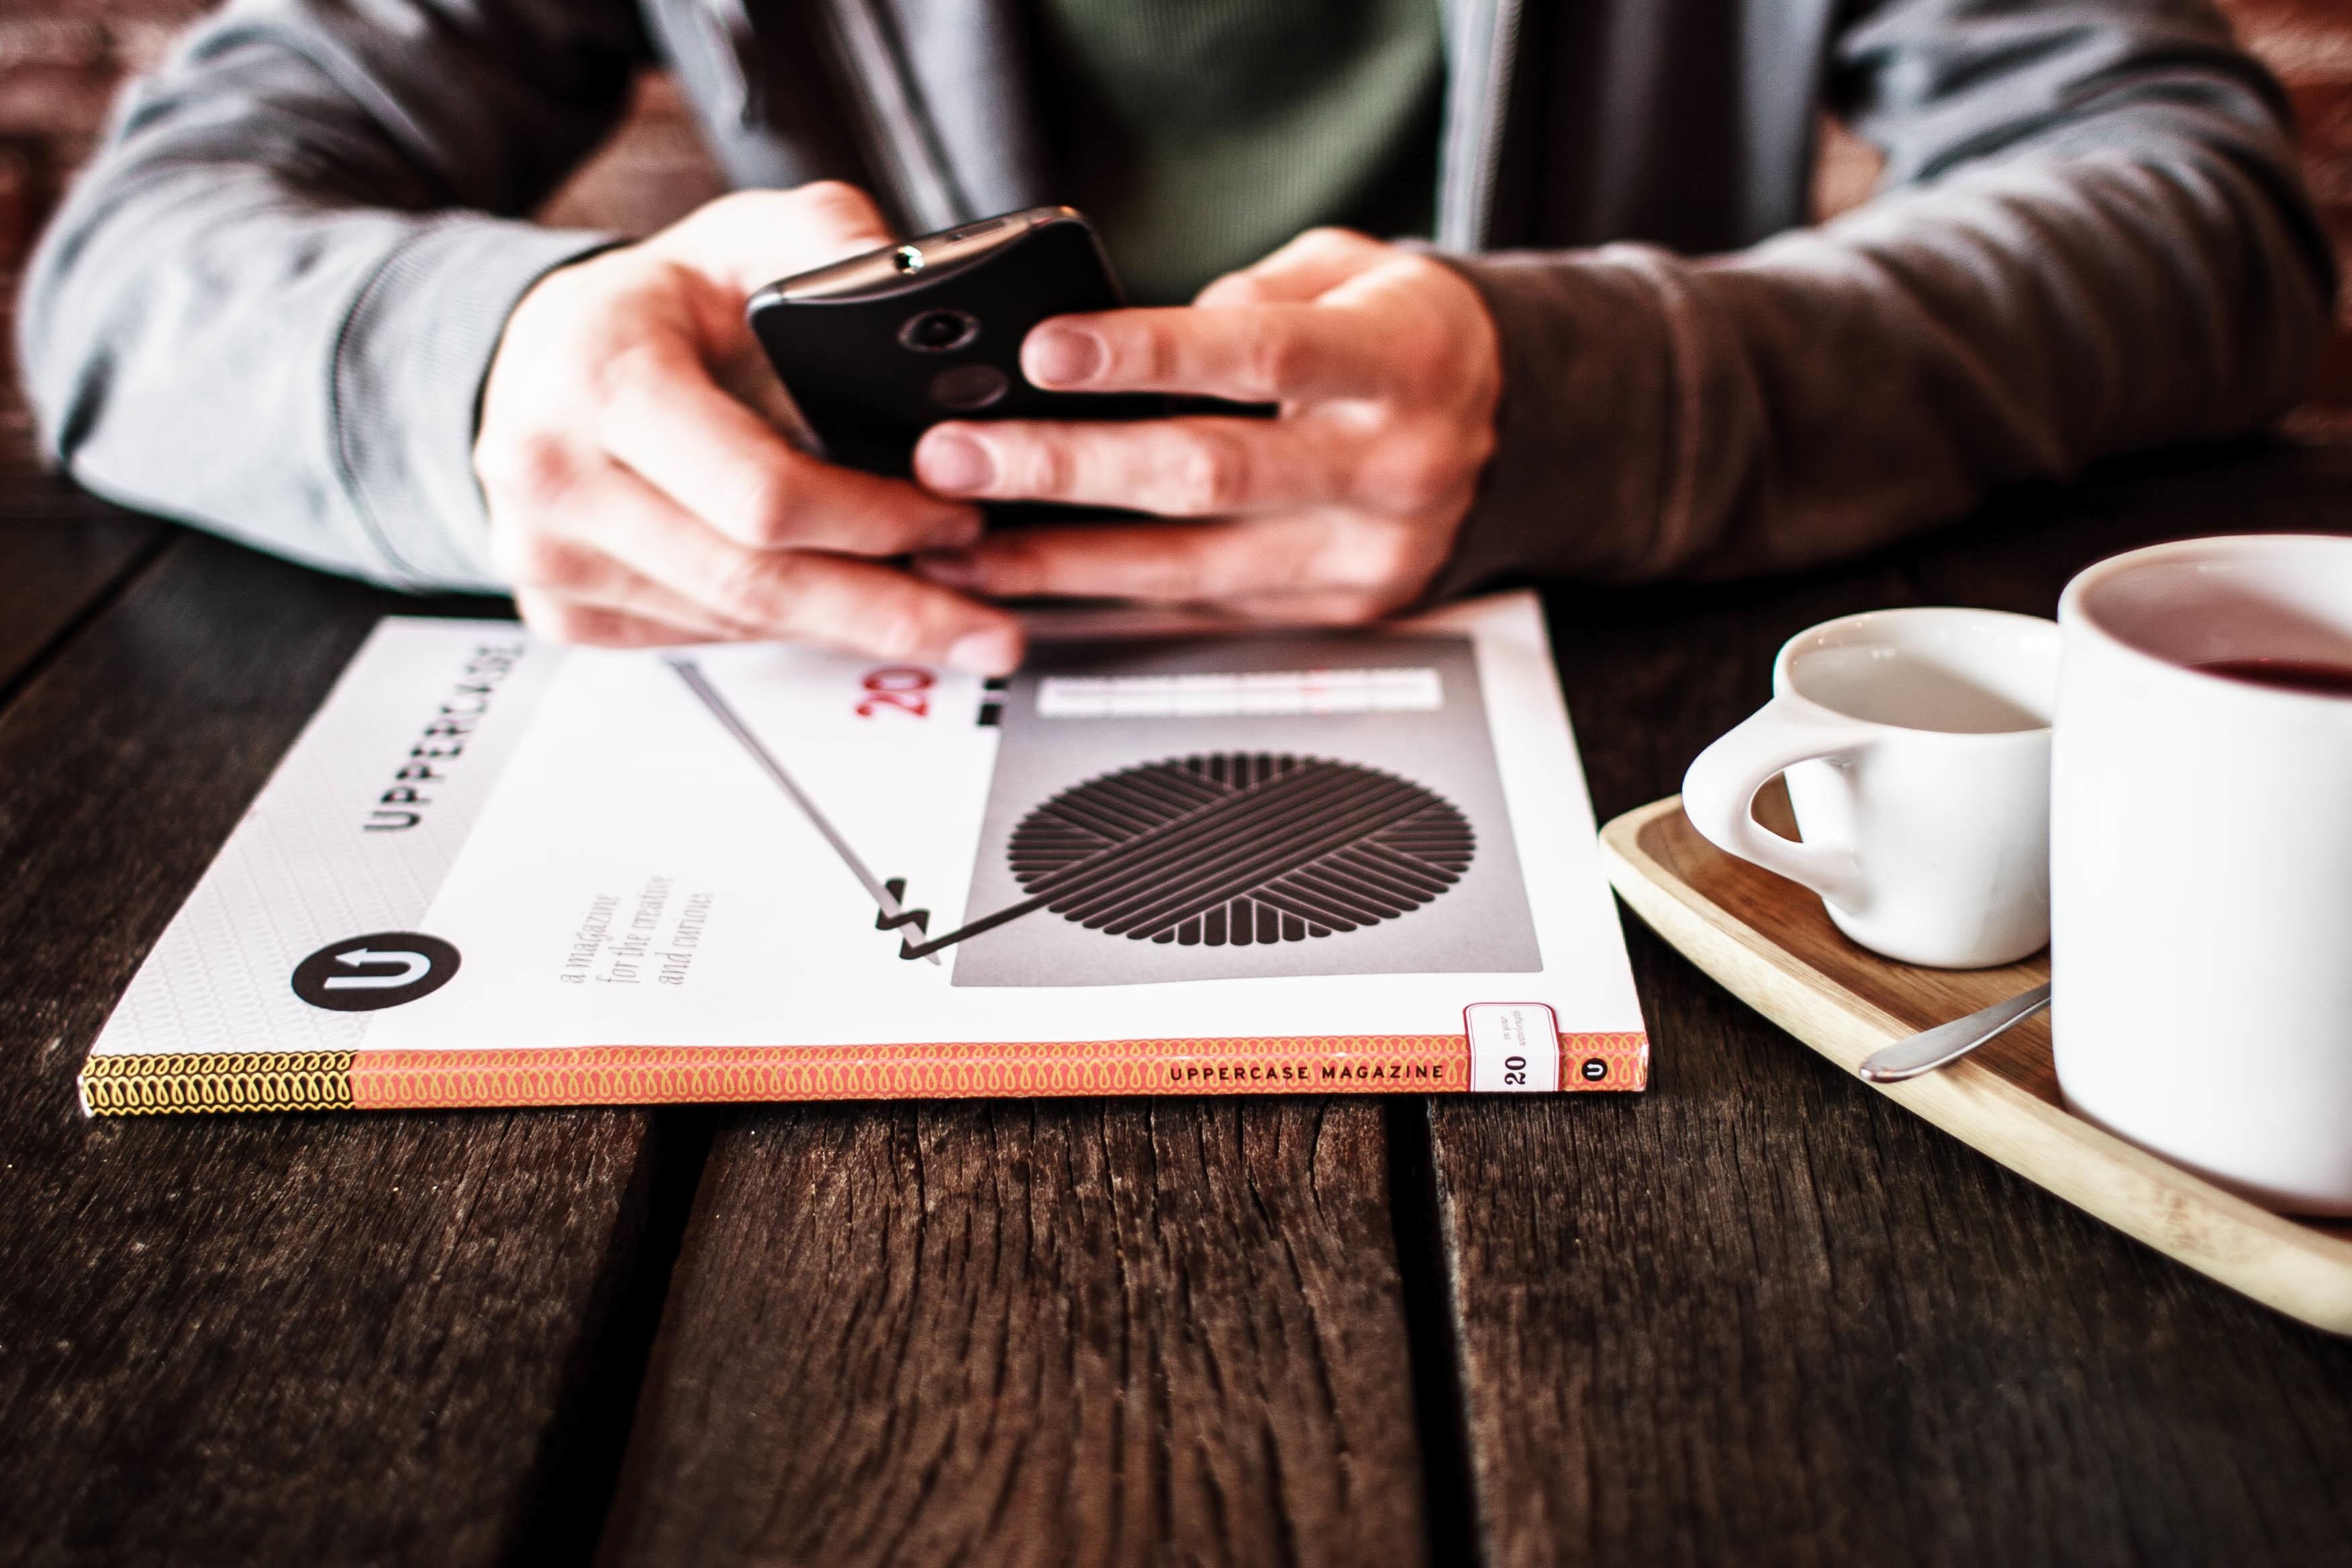 デュアルSIMスマートフォン端末ならSIMカードの2枚挿しが可能!